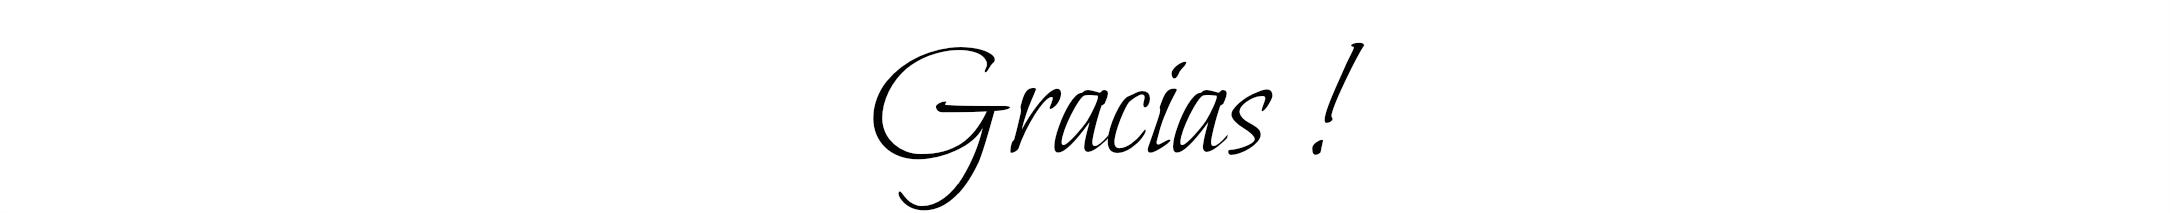 gracias .png.